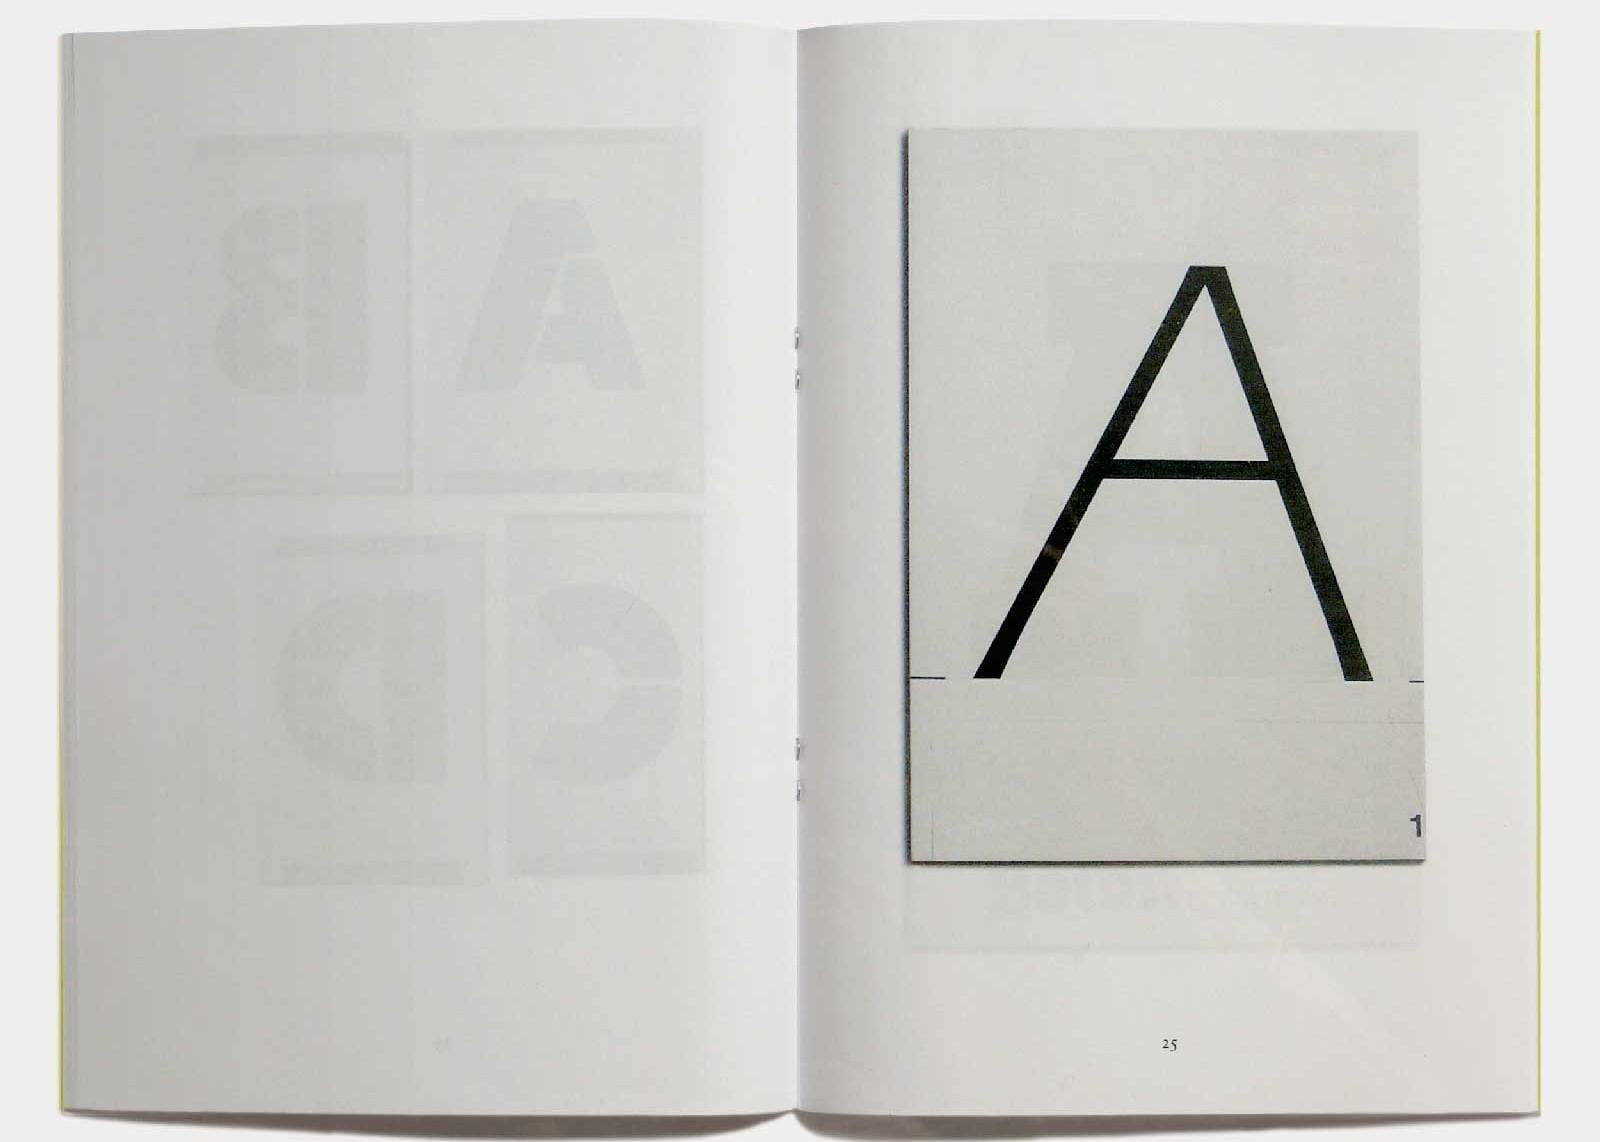 Page 25 — Caractère Eras (1961, Hollenstein; 1965, version plomb; 1976, ITC), dessin original à l'encre sur carte à gratter.